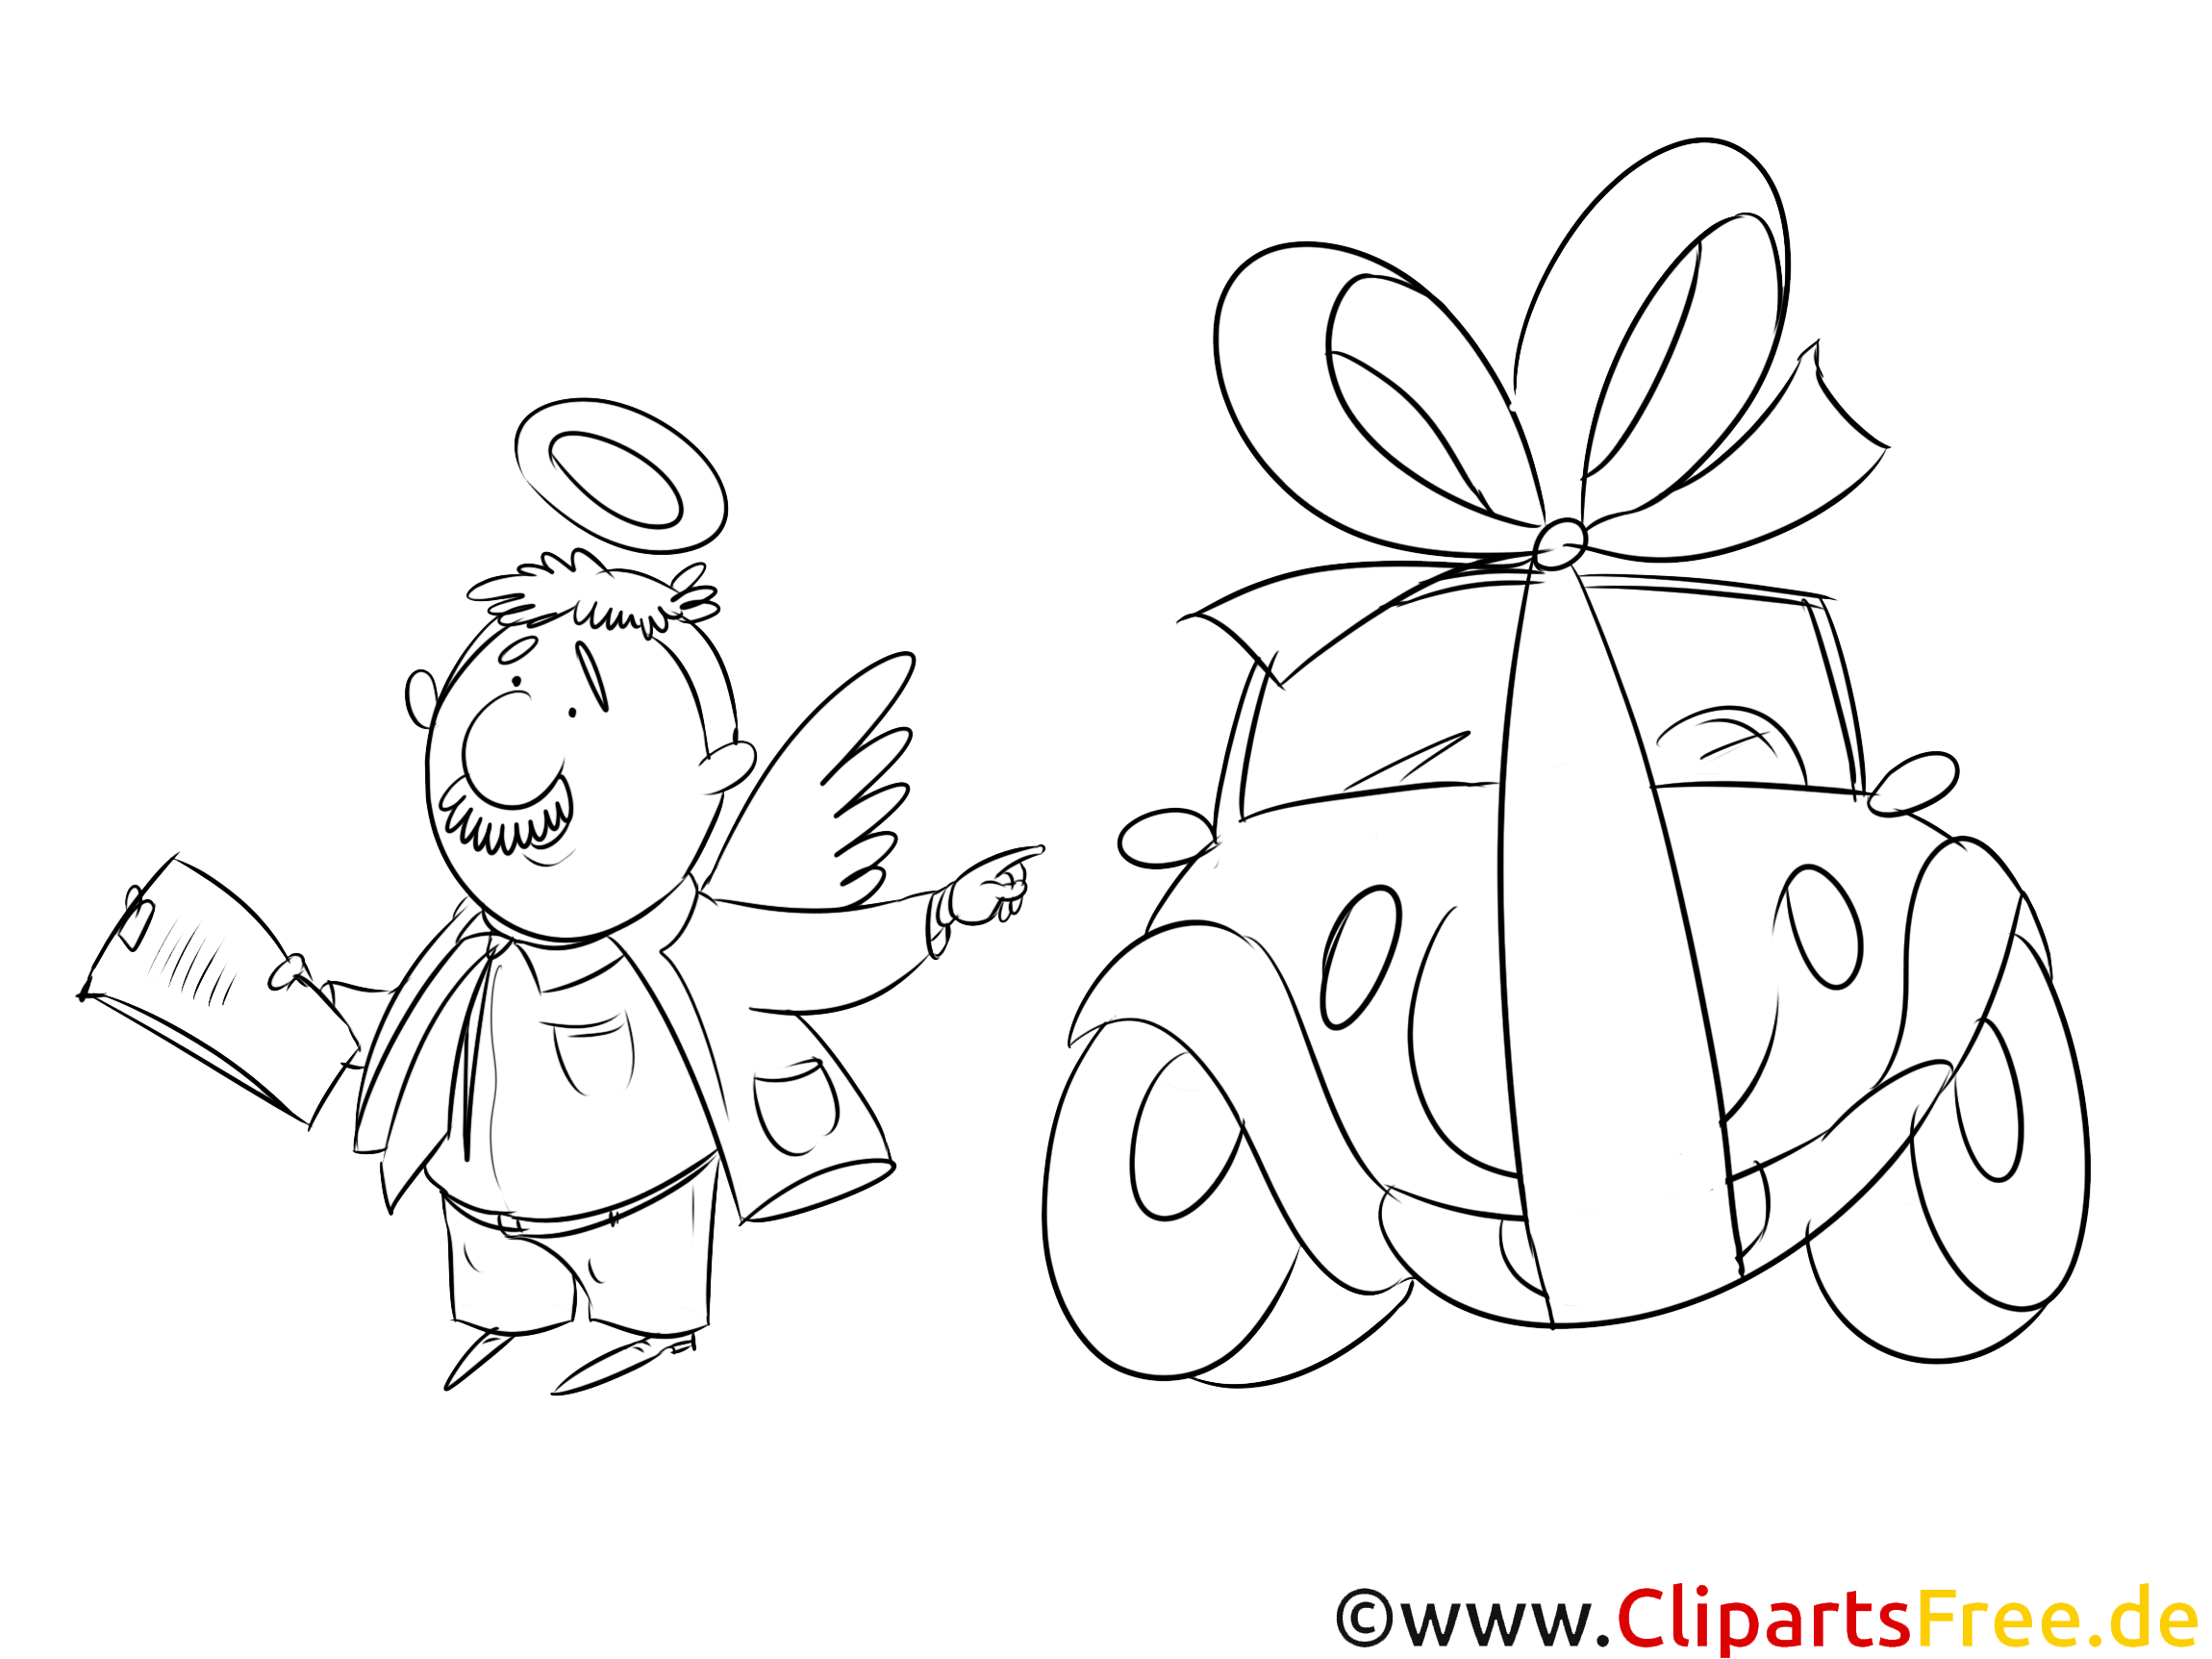 Autoverkäufer Ausmalbild, Bild, Grafik, Illustration